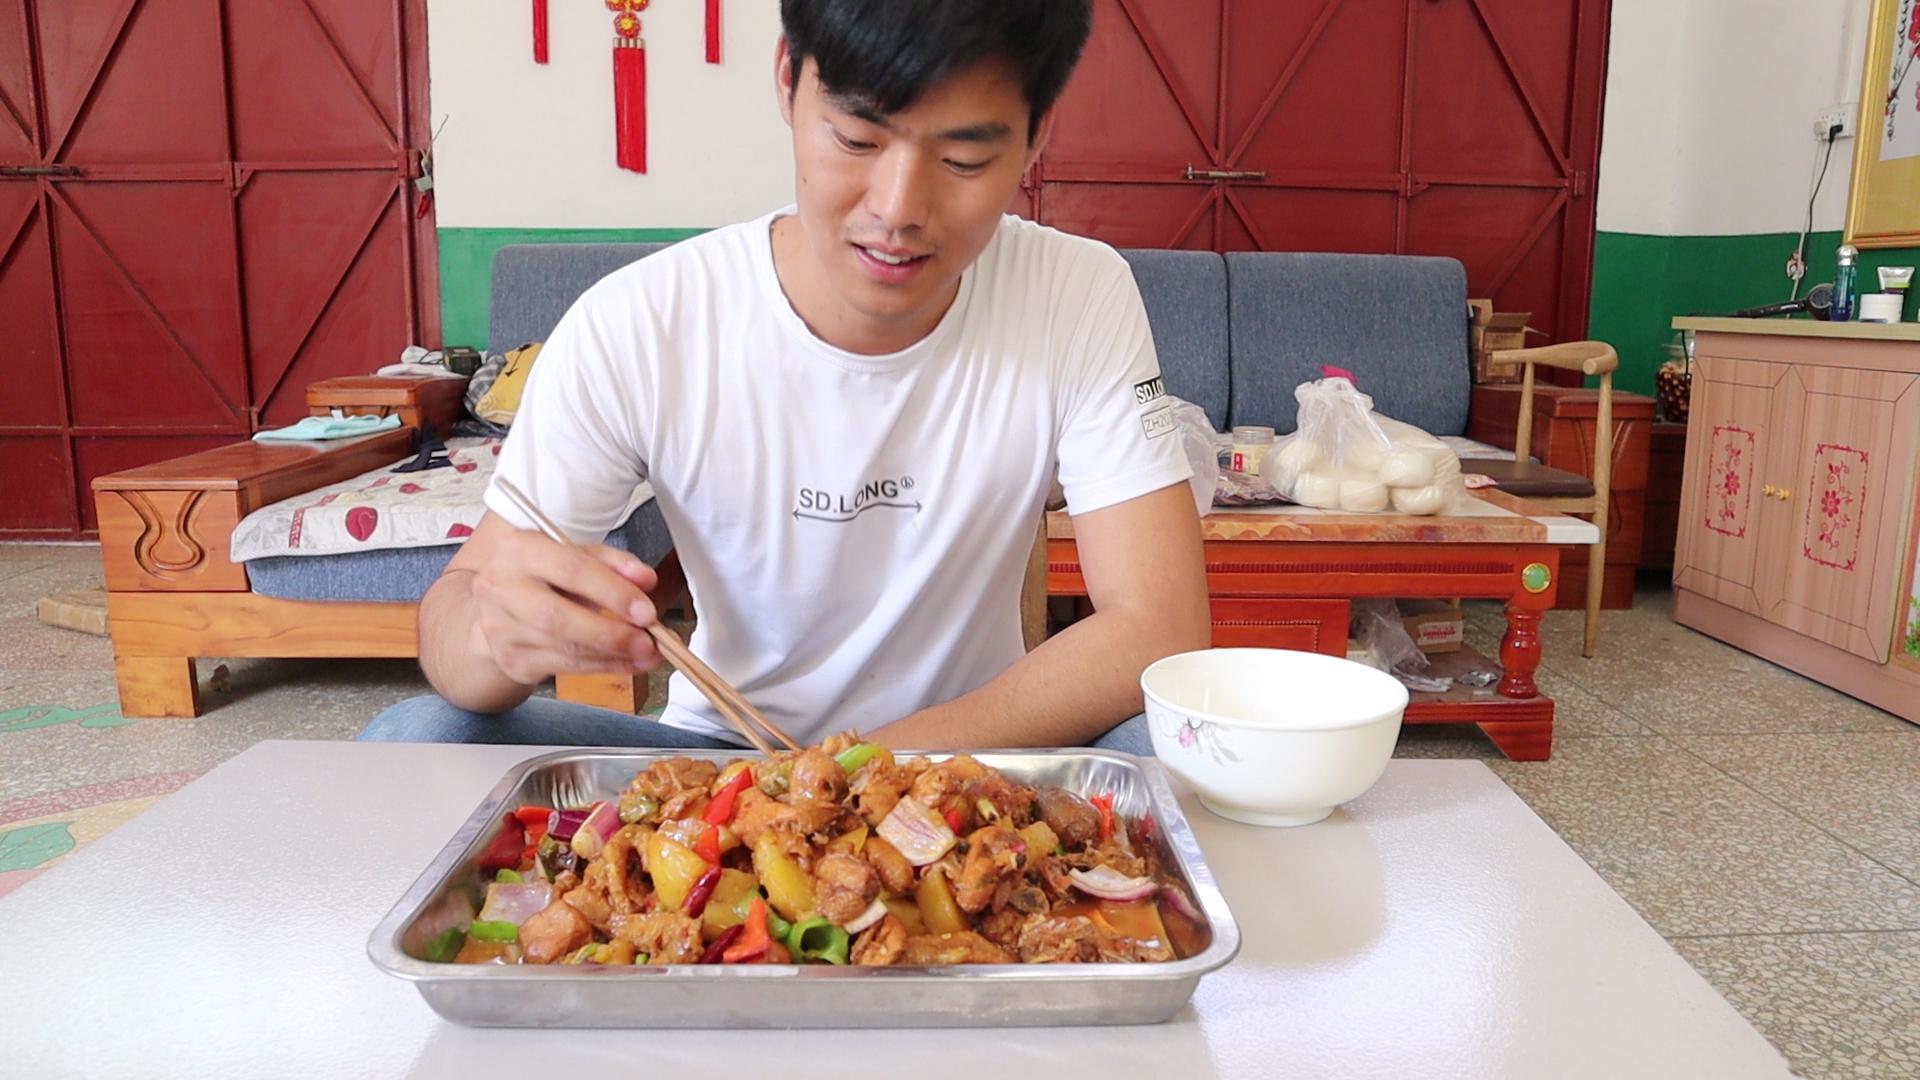 小宋今天做大盘鸡,出锅色香味俱全,刚上桌就忍不住咽口水